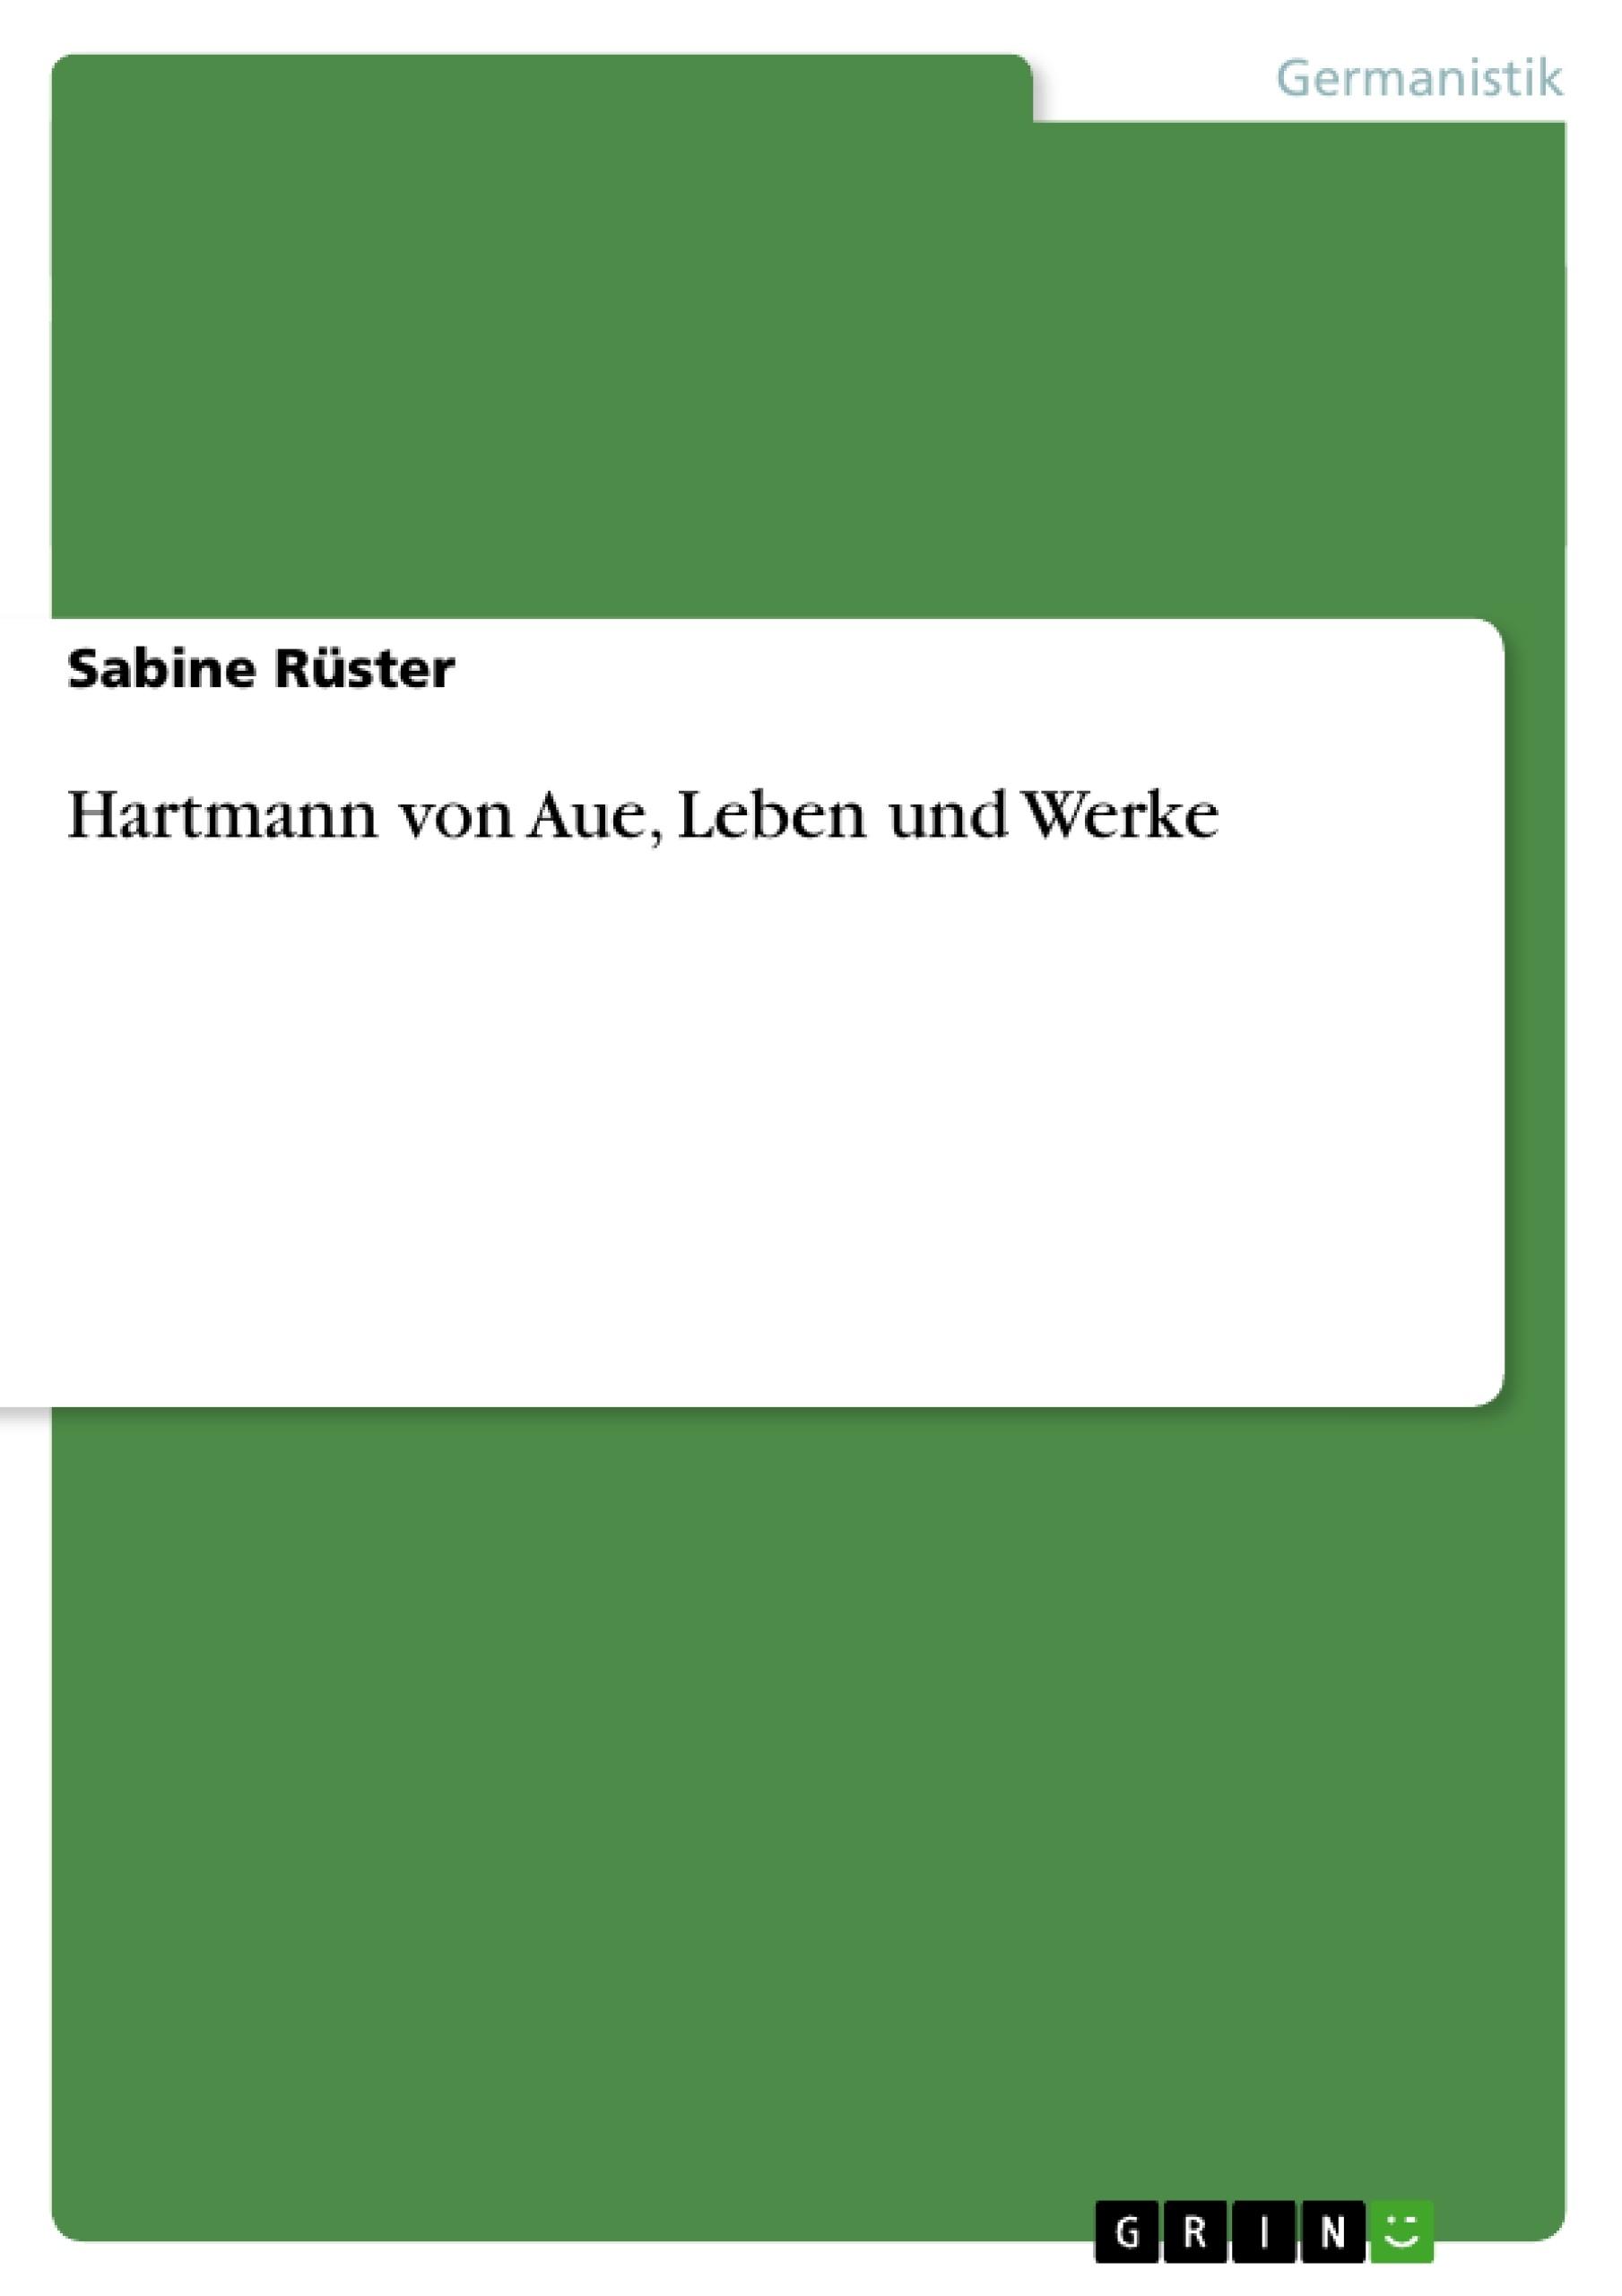 Titel: Hartmann von Aue, Leben und Werke